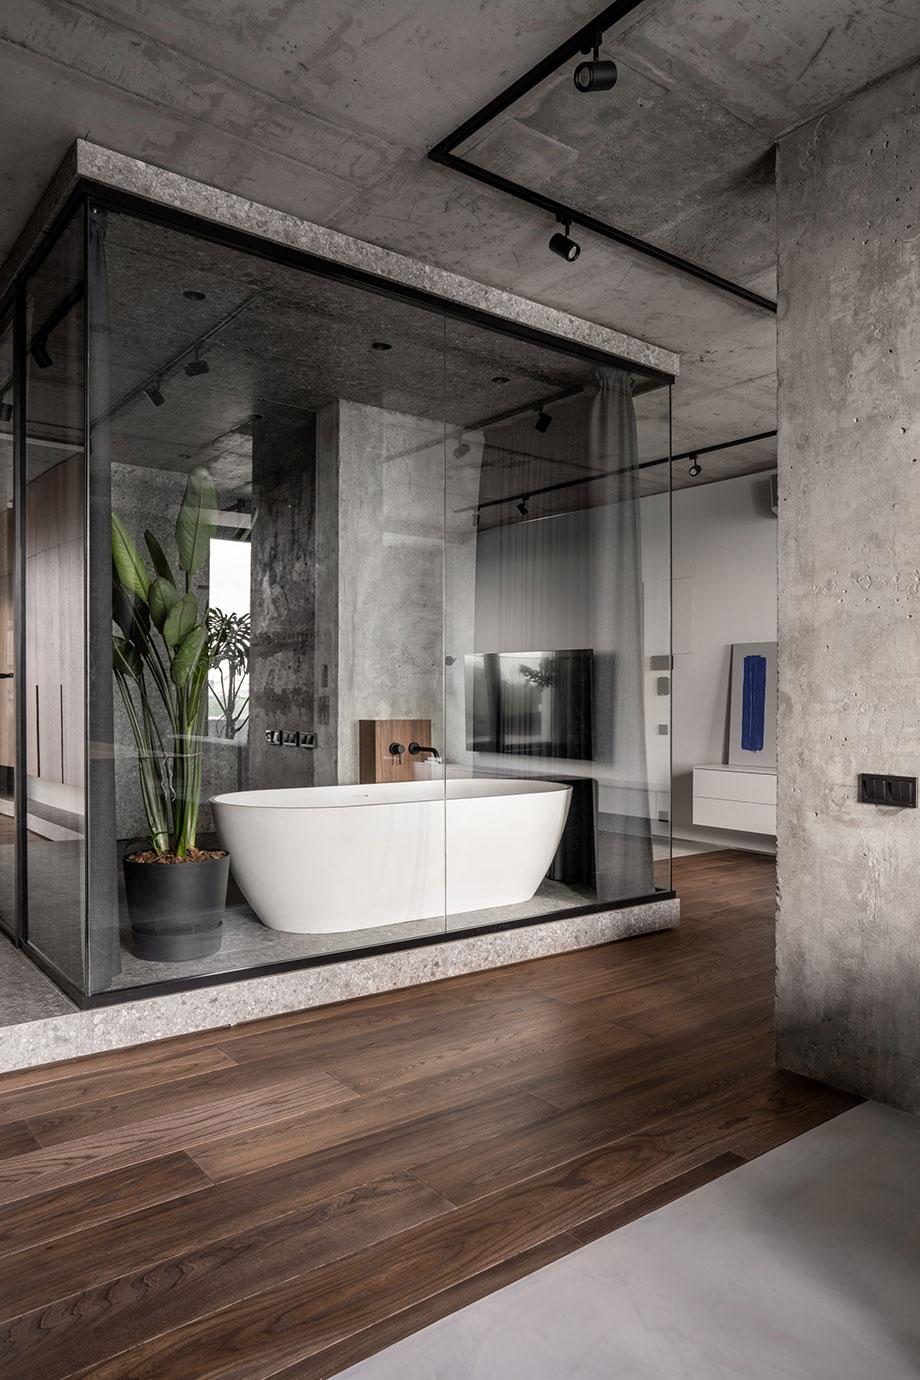 apartamento en kiev de fild (14) - foto andrey bezuglov